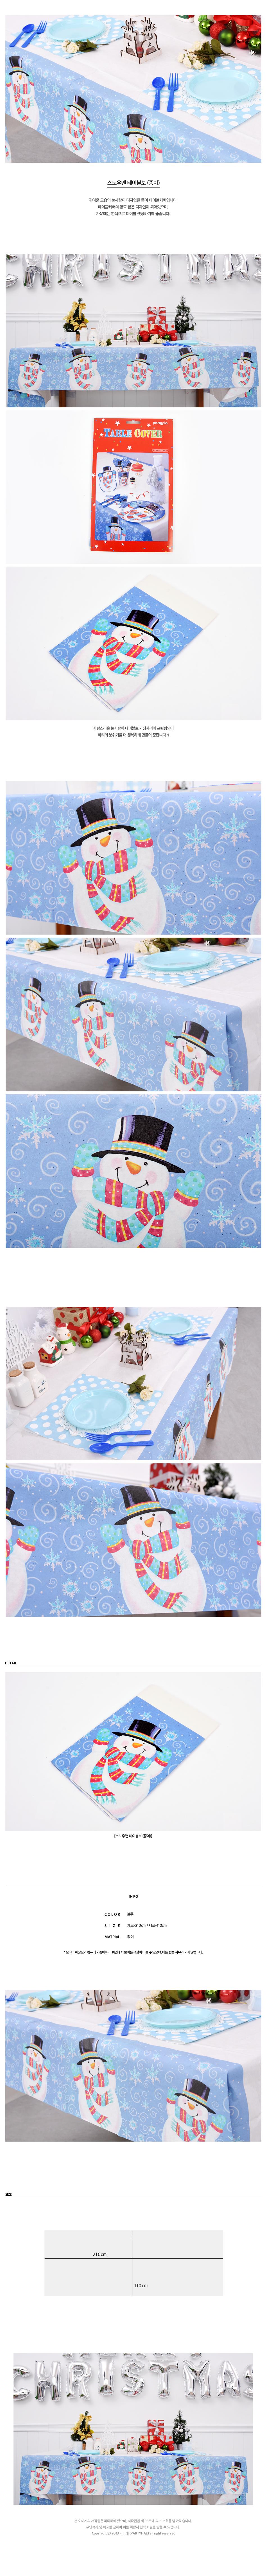 종이 테이블보 (눈사람) - 파티해, 2,975원, 파티용품, 데코/장식용품